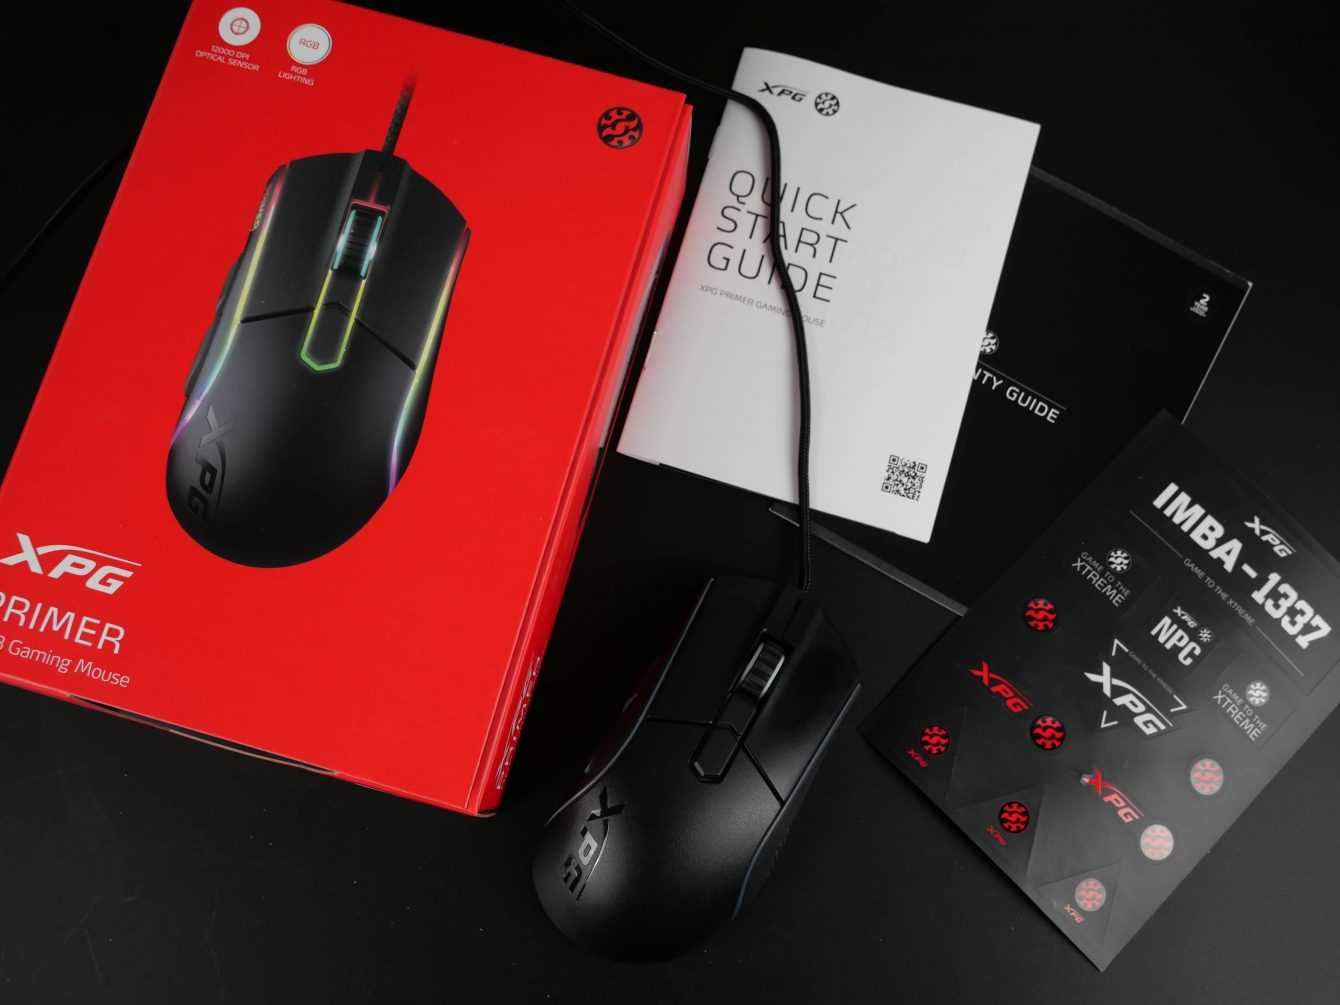 Recensione XPG PRIMER: il mouse da gaming secondo XPG